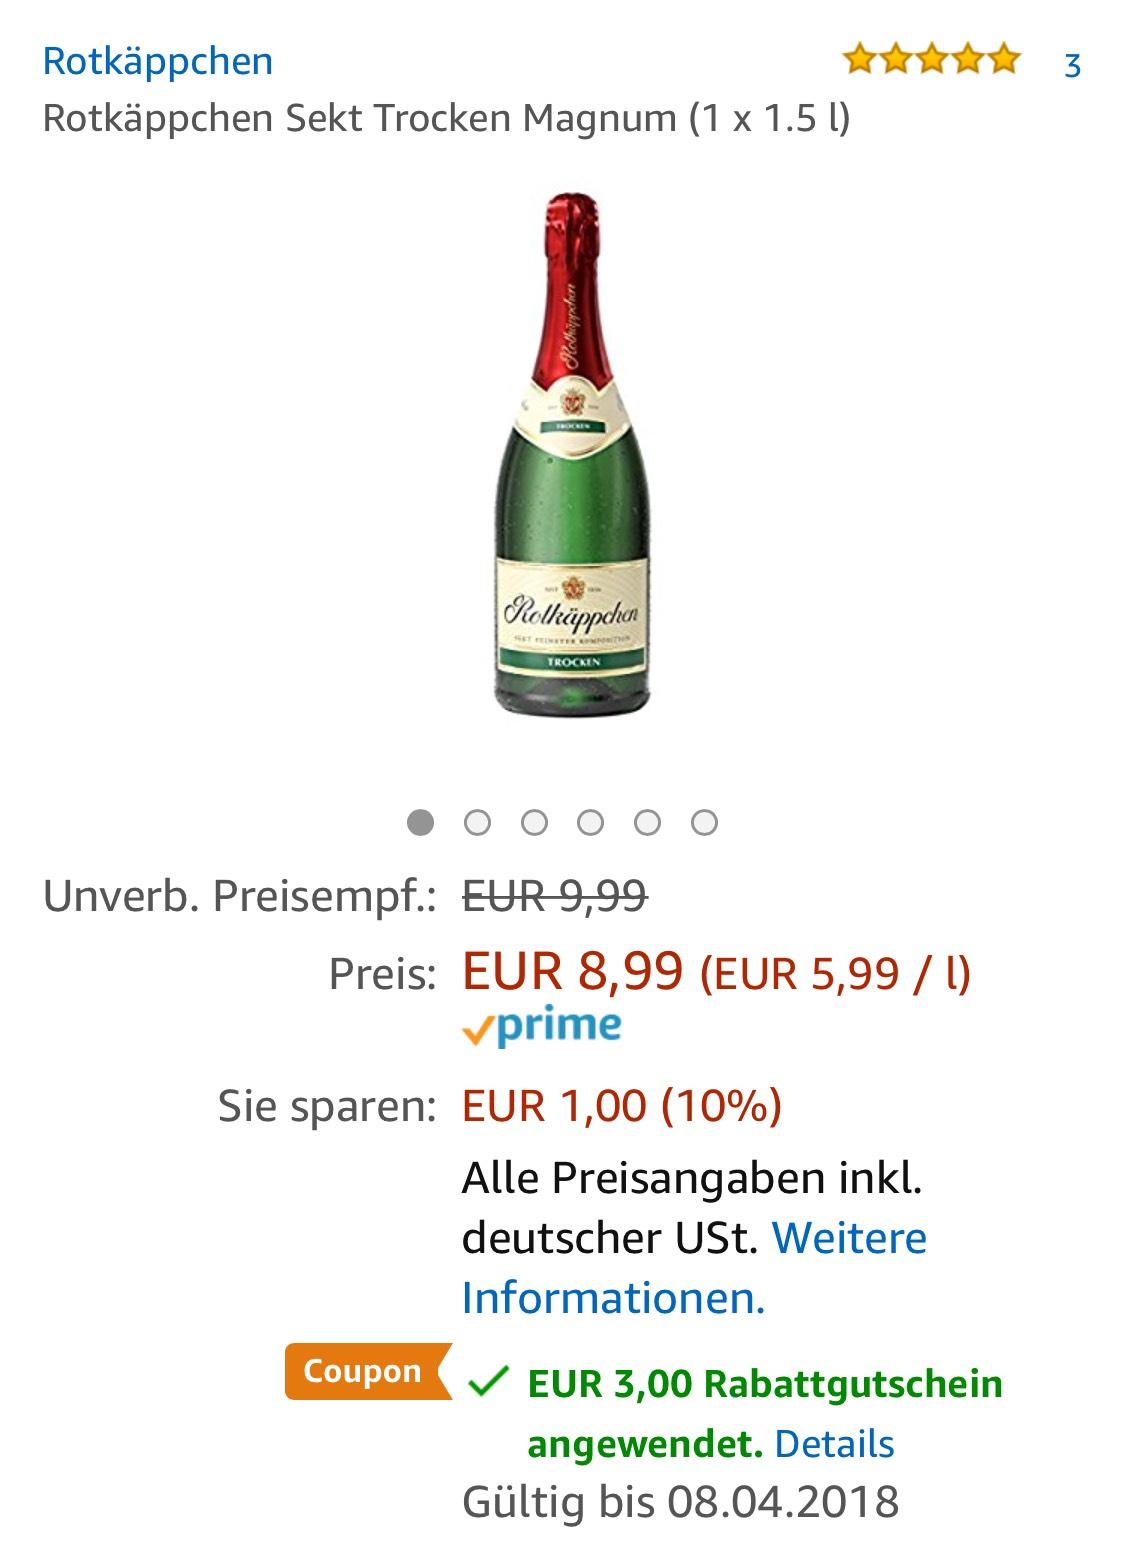 Rotkäppchen Sekt Trocken Magnum Flasche 1,5l [Amazon.de]